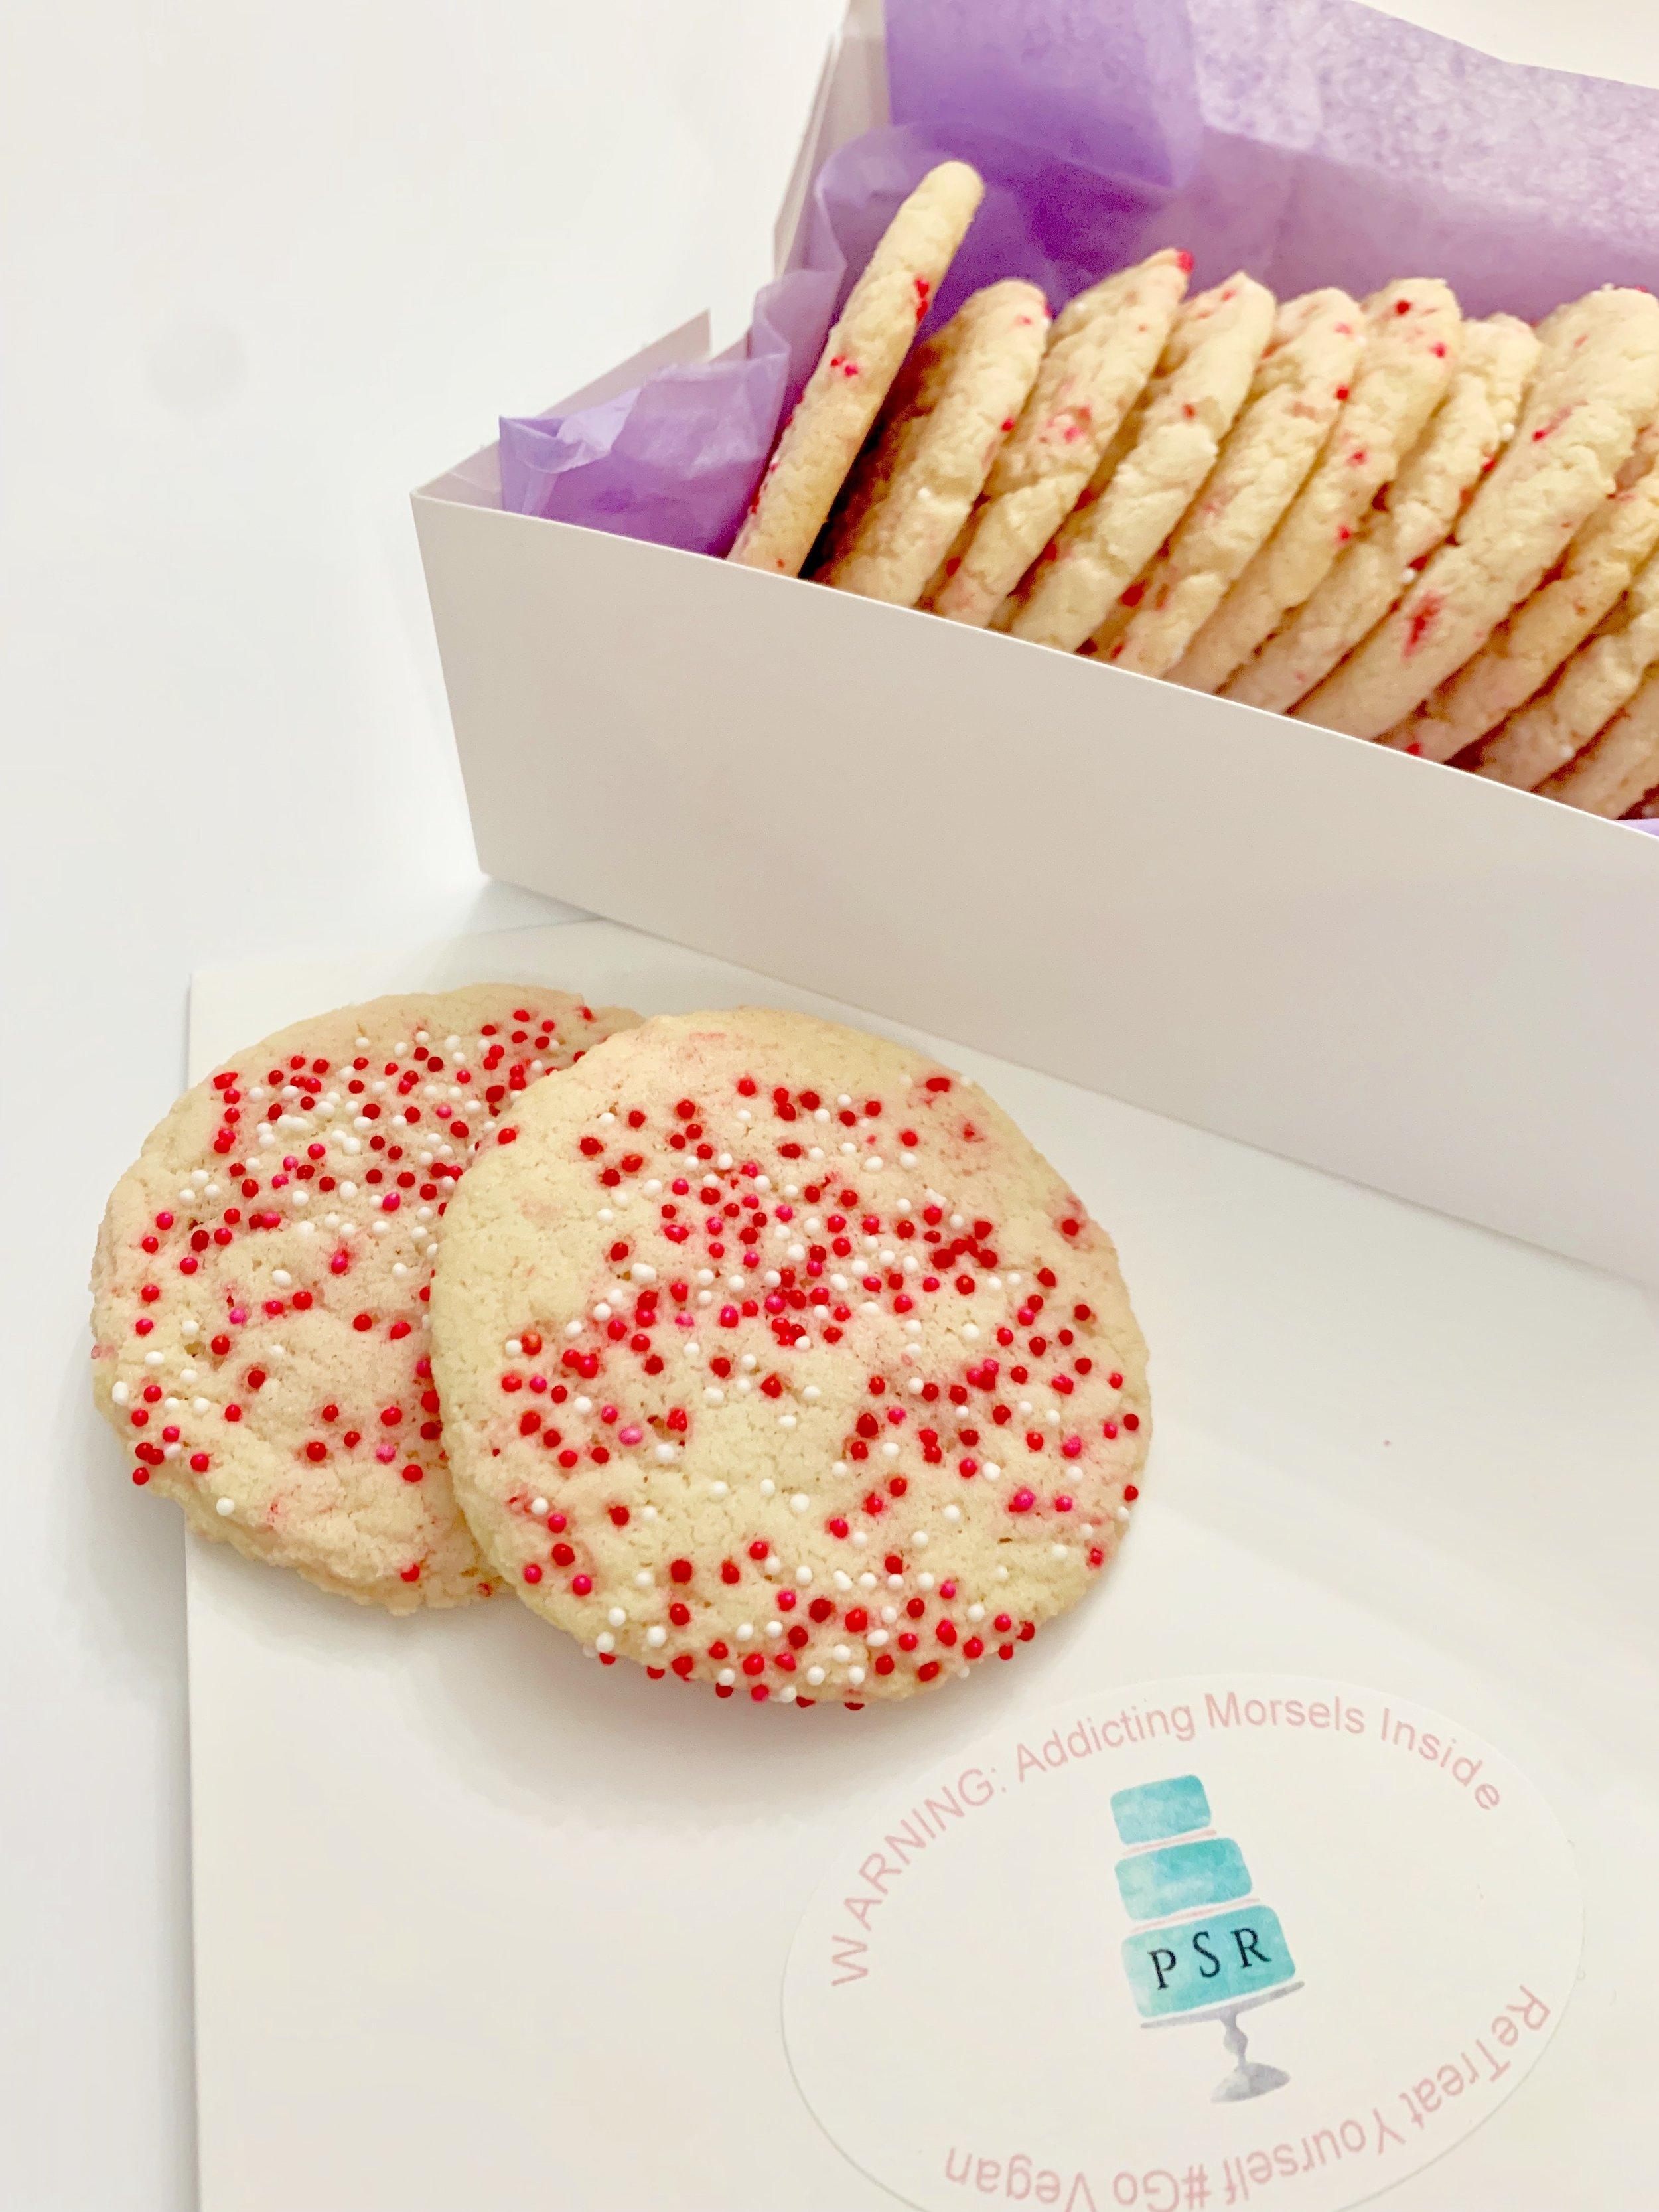 Sugar Cookies (One Dzn) $16